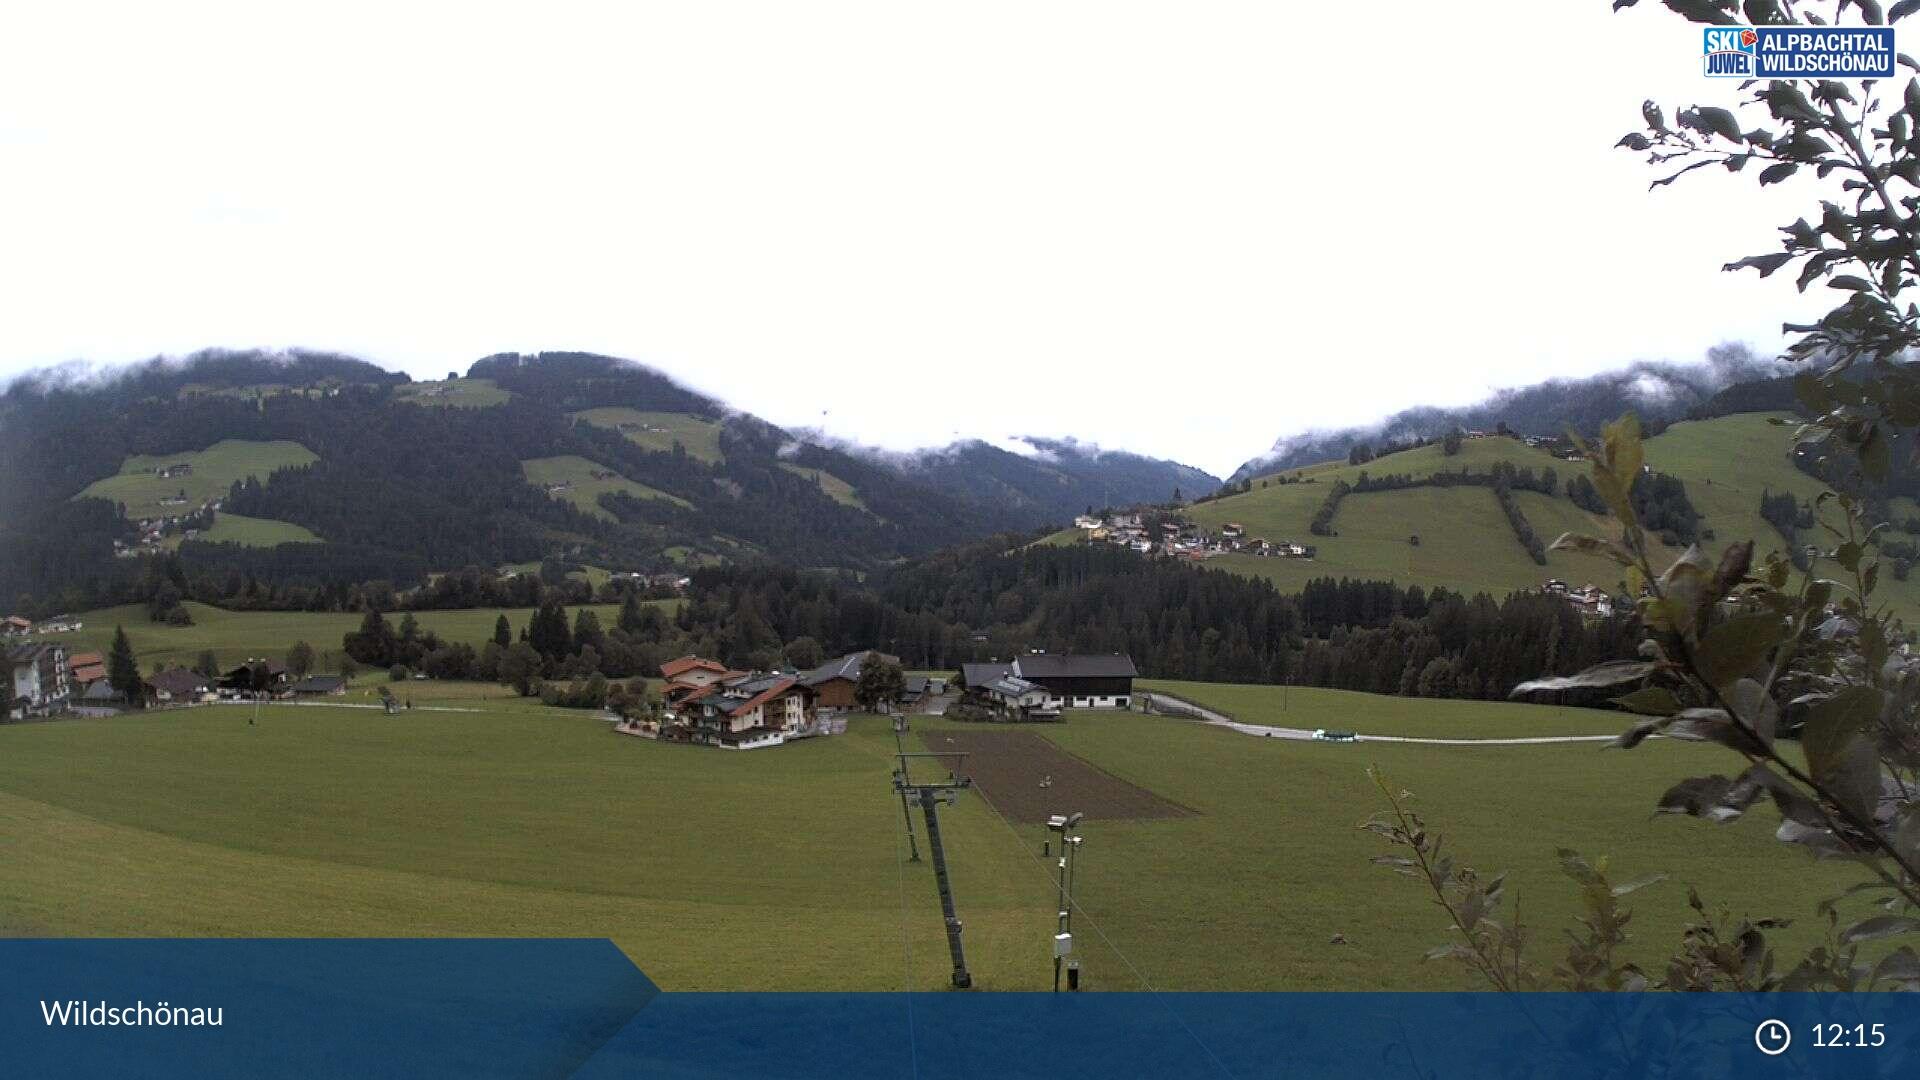 webcam Alpbachtal Wildschonau